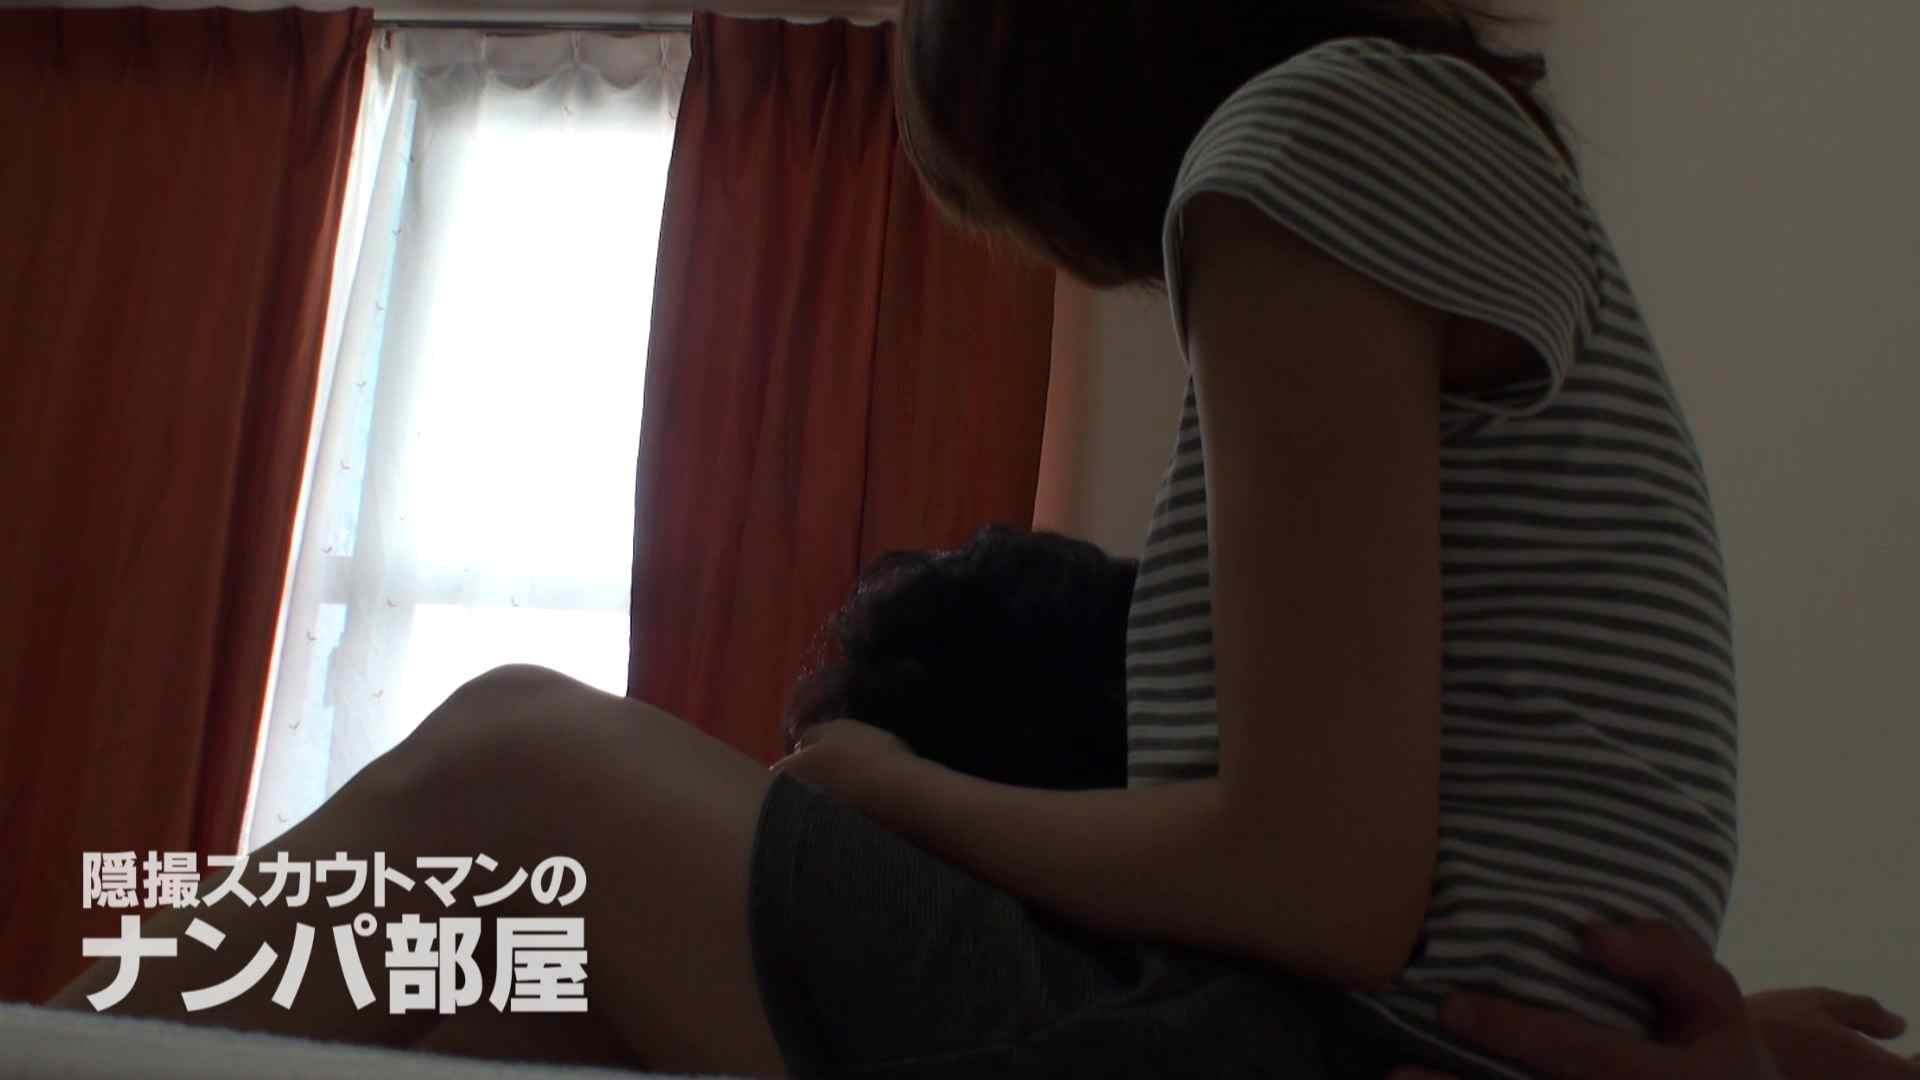 隠撮スカウトマンのナンパ部屋~風俗デビュー前のつまみ食い~ siivol.3 エッチなOL | ナンパ  74pic 41